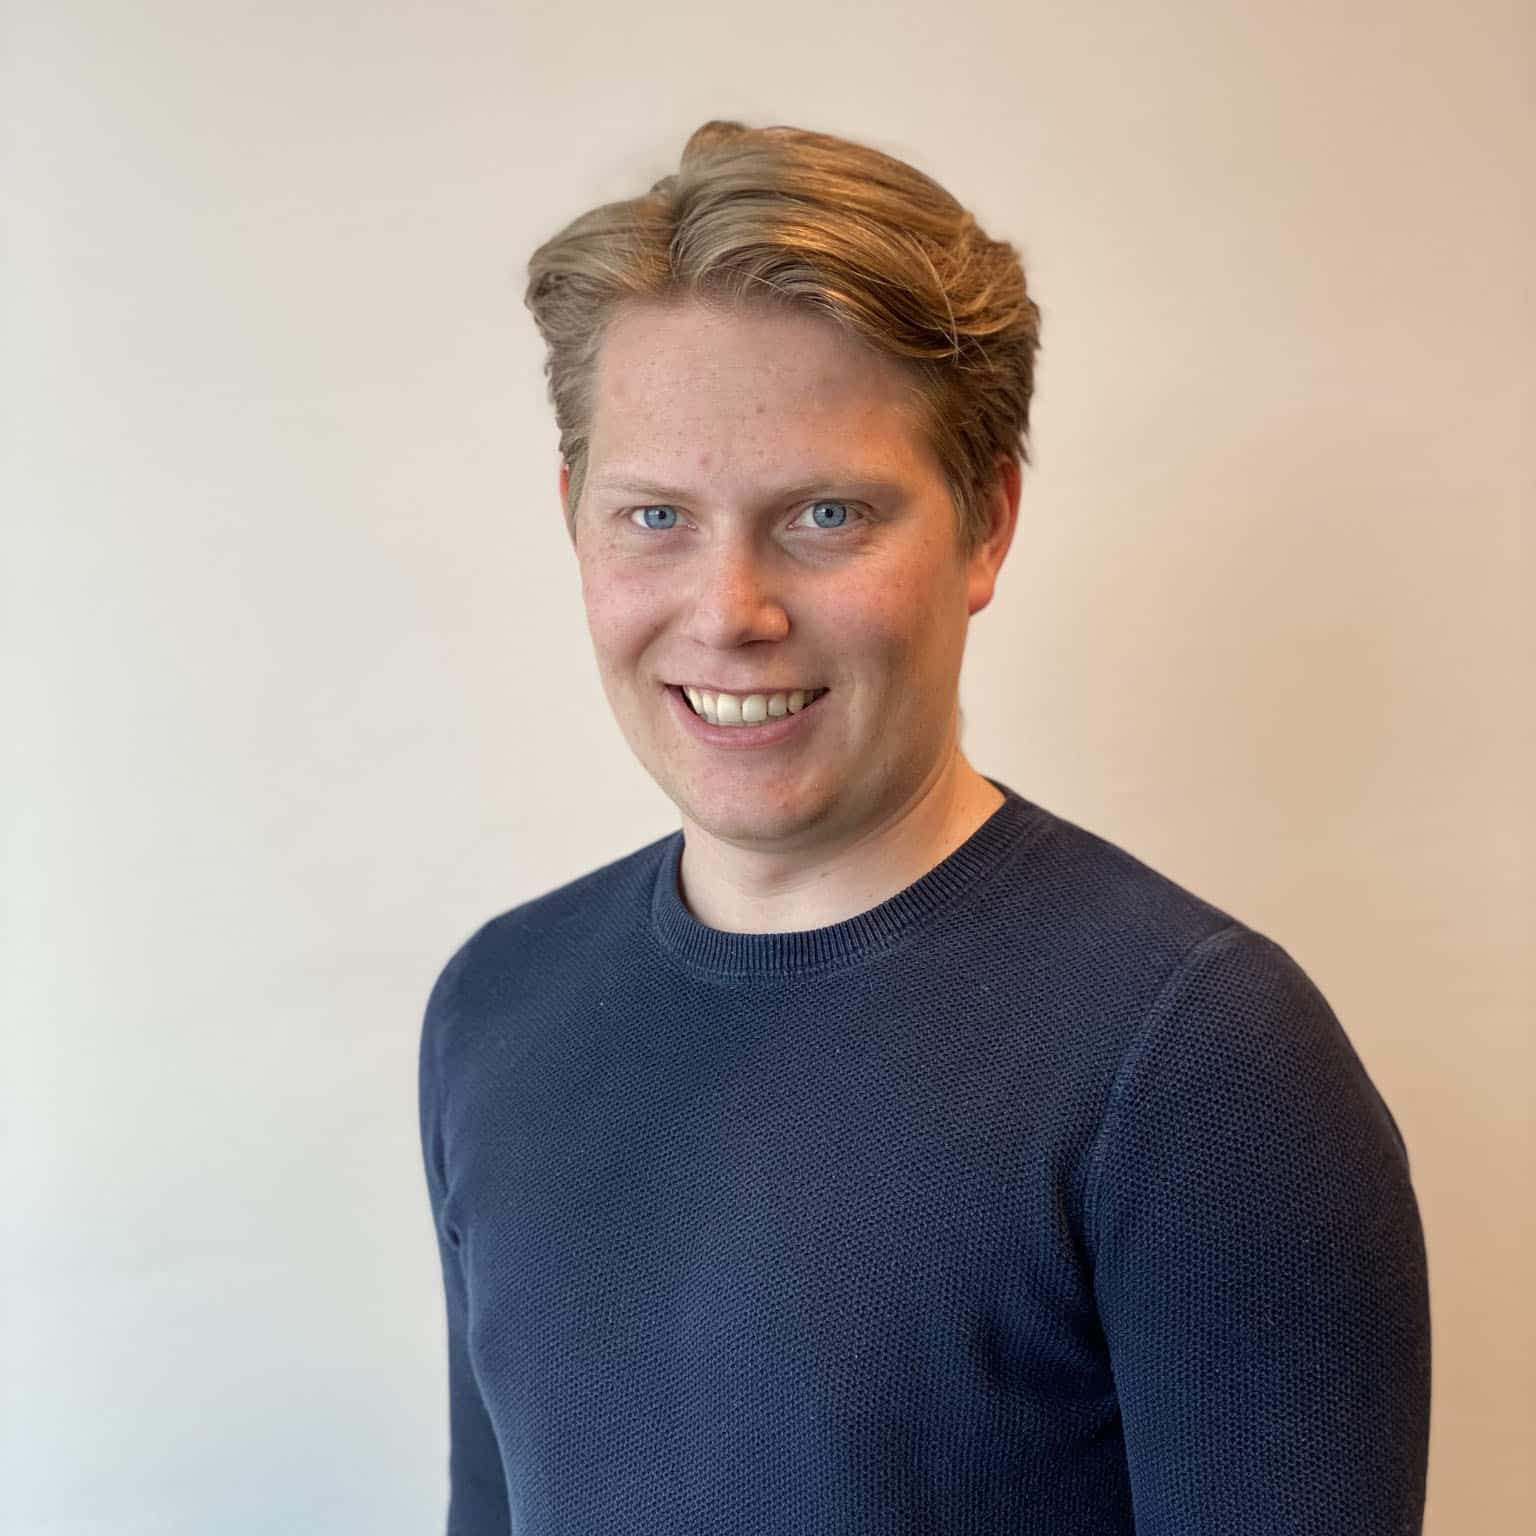 Torbjørn Kverneland